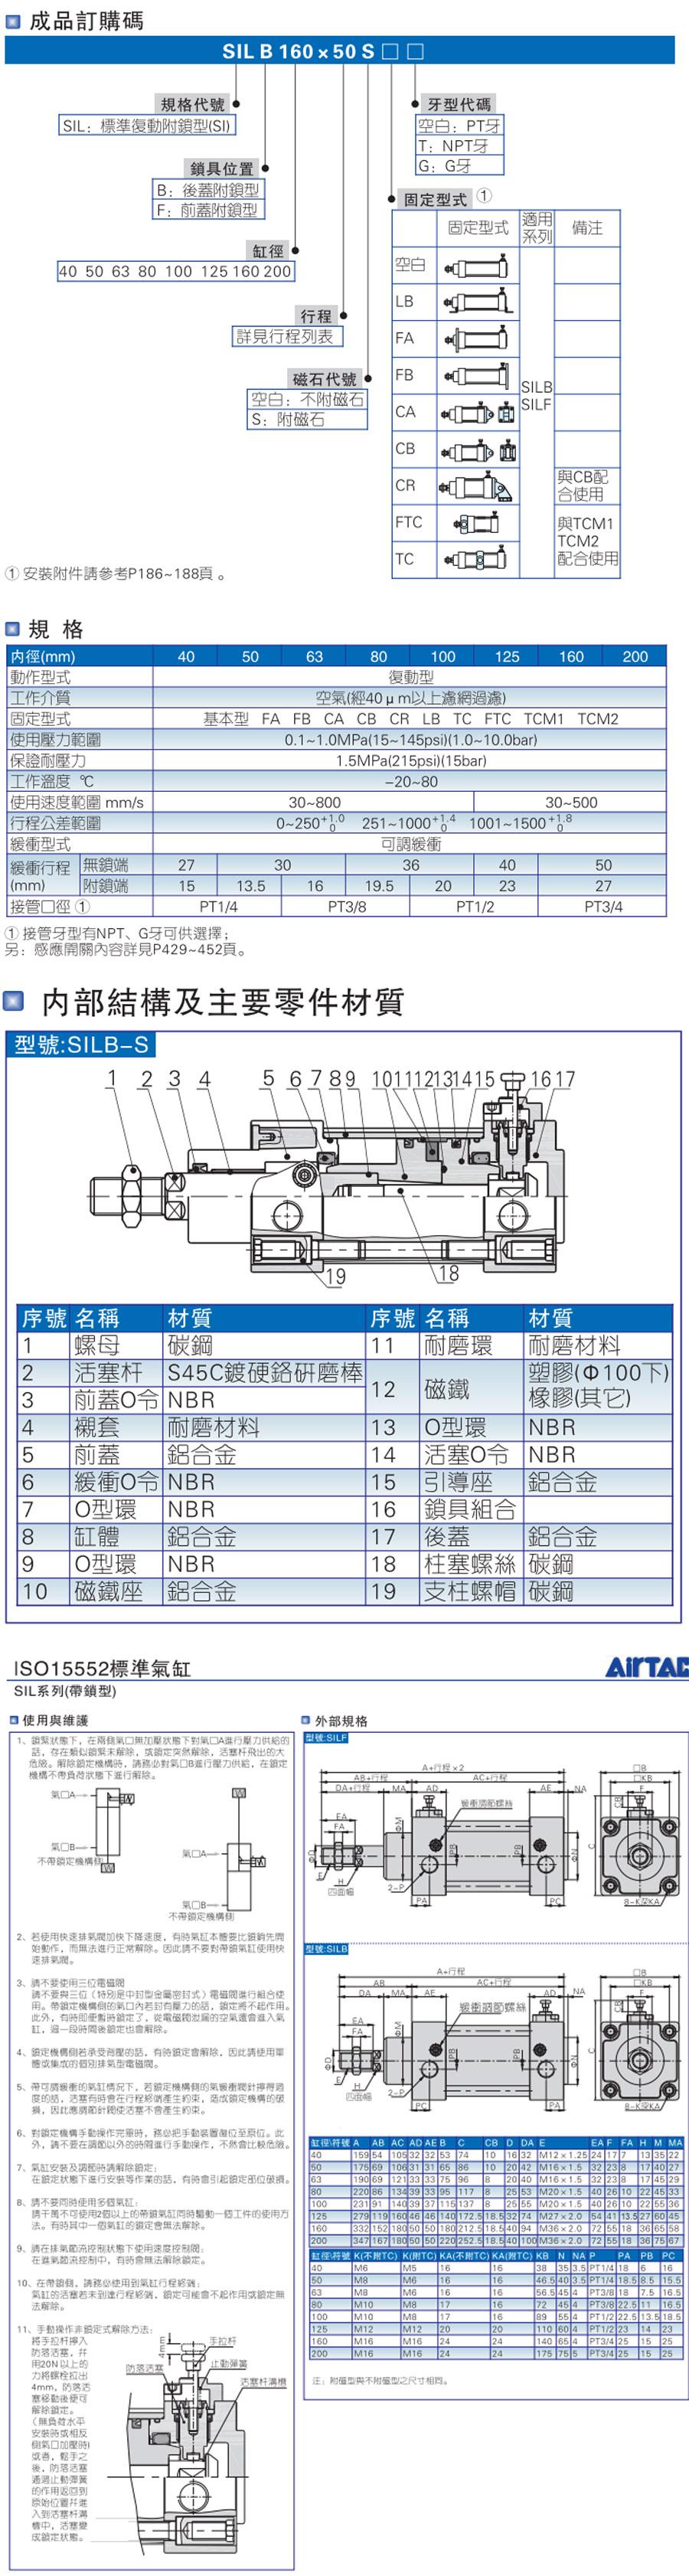 亚德客带锁气缸SILBSILB40-250参数说明